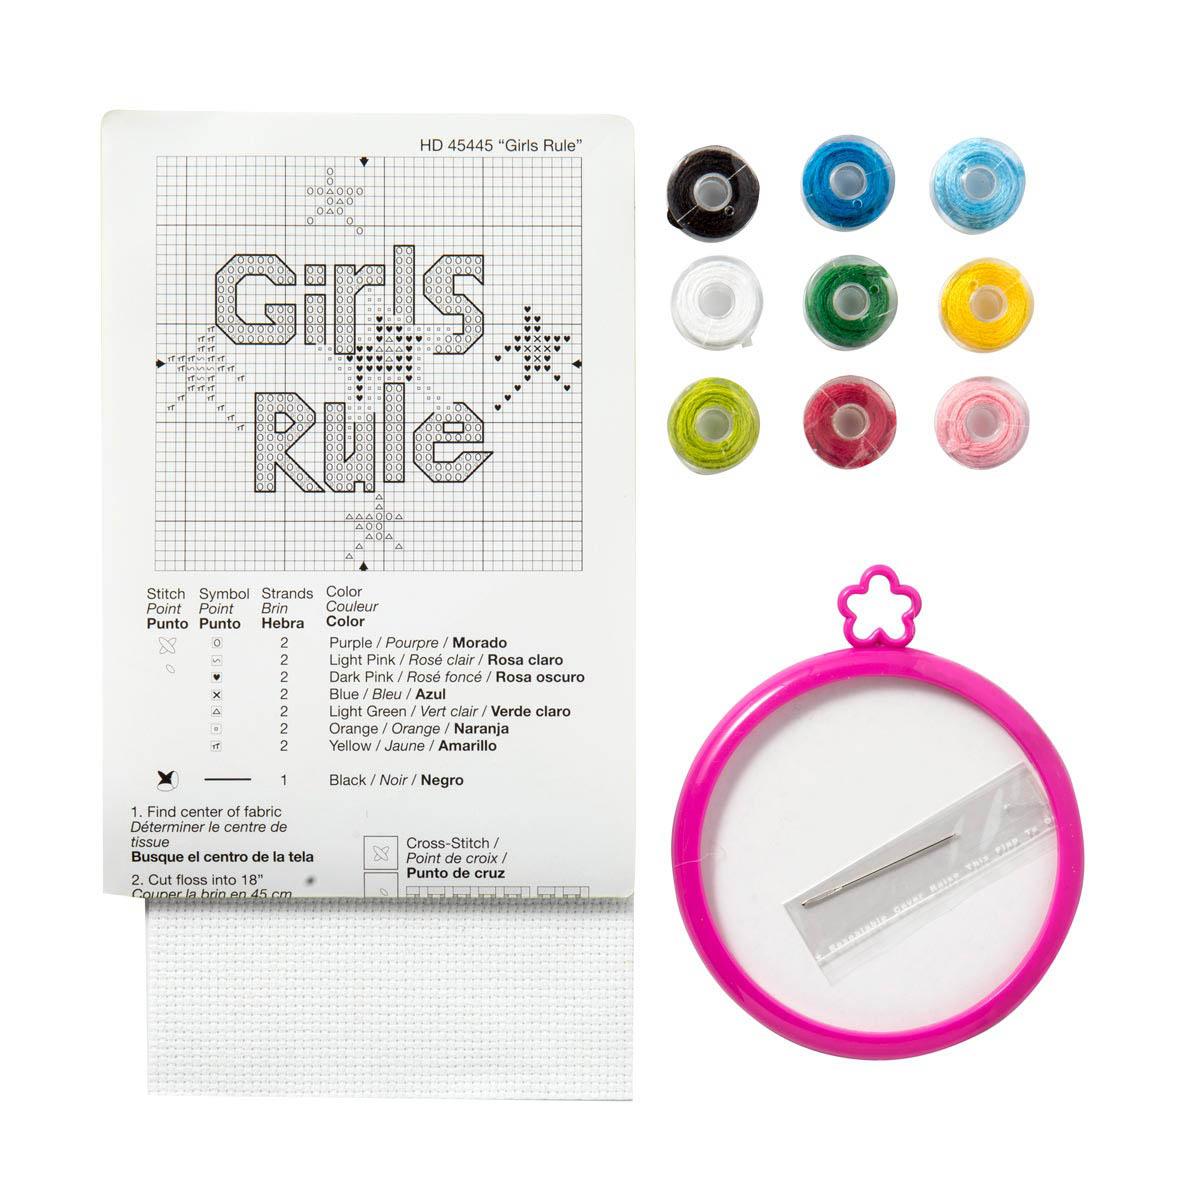 Bucilla ® My 1st Stitch™ - Counted Cross Stitch Kits - Mini - Girls Rule